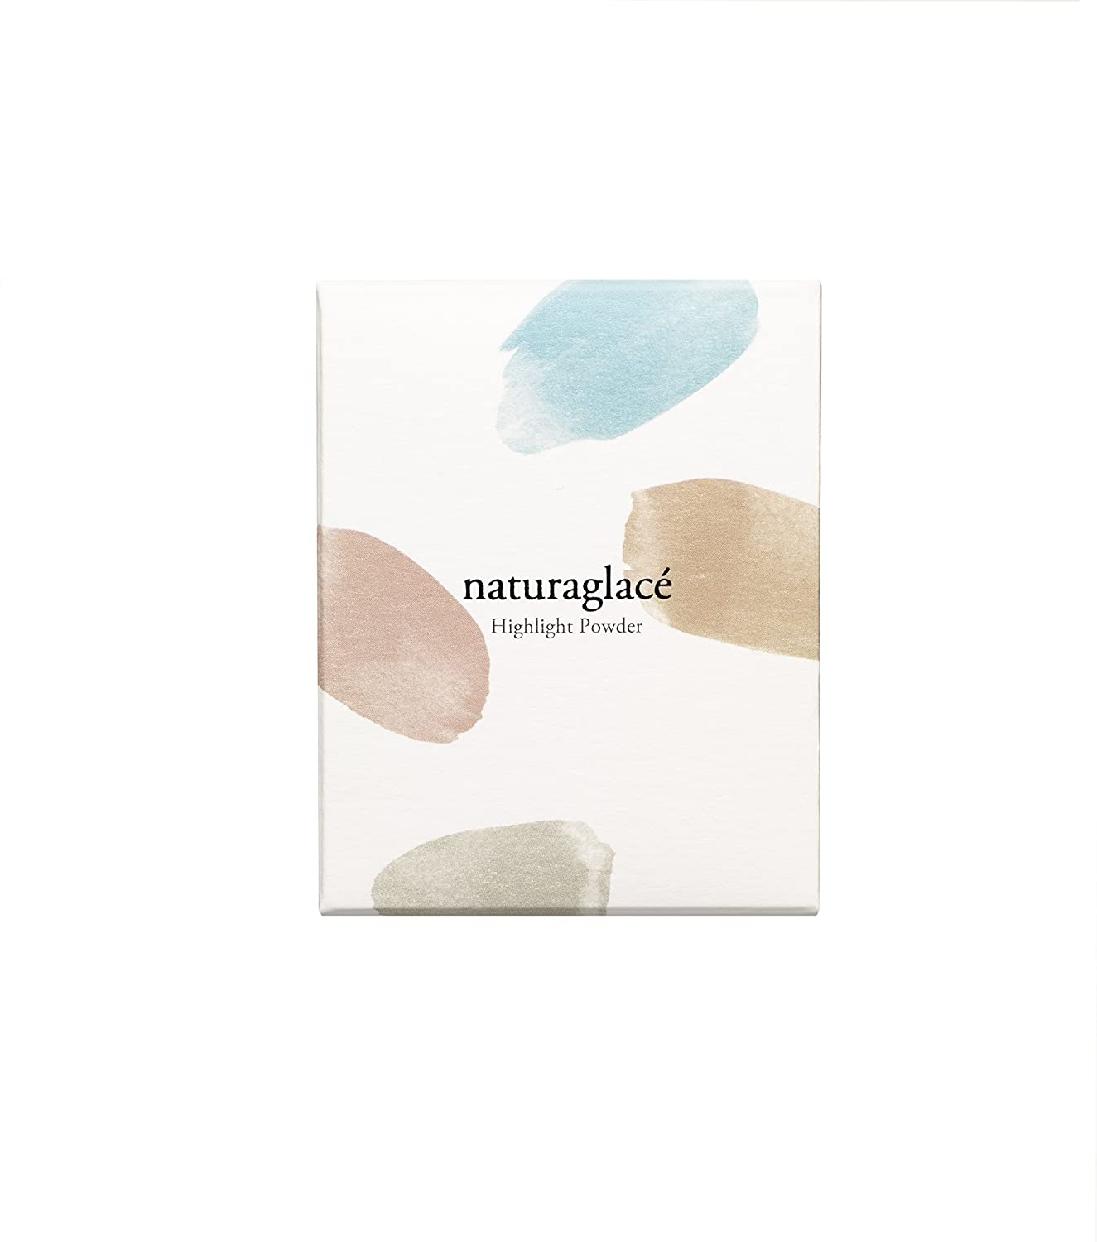 naturaglacé(ナチュラグラッセ) ハイライトパウダーの商品画像9